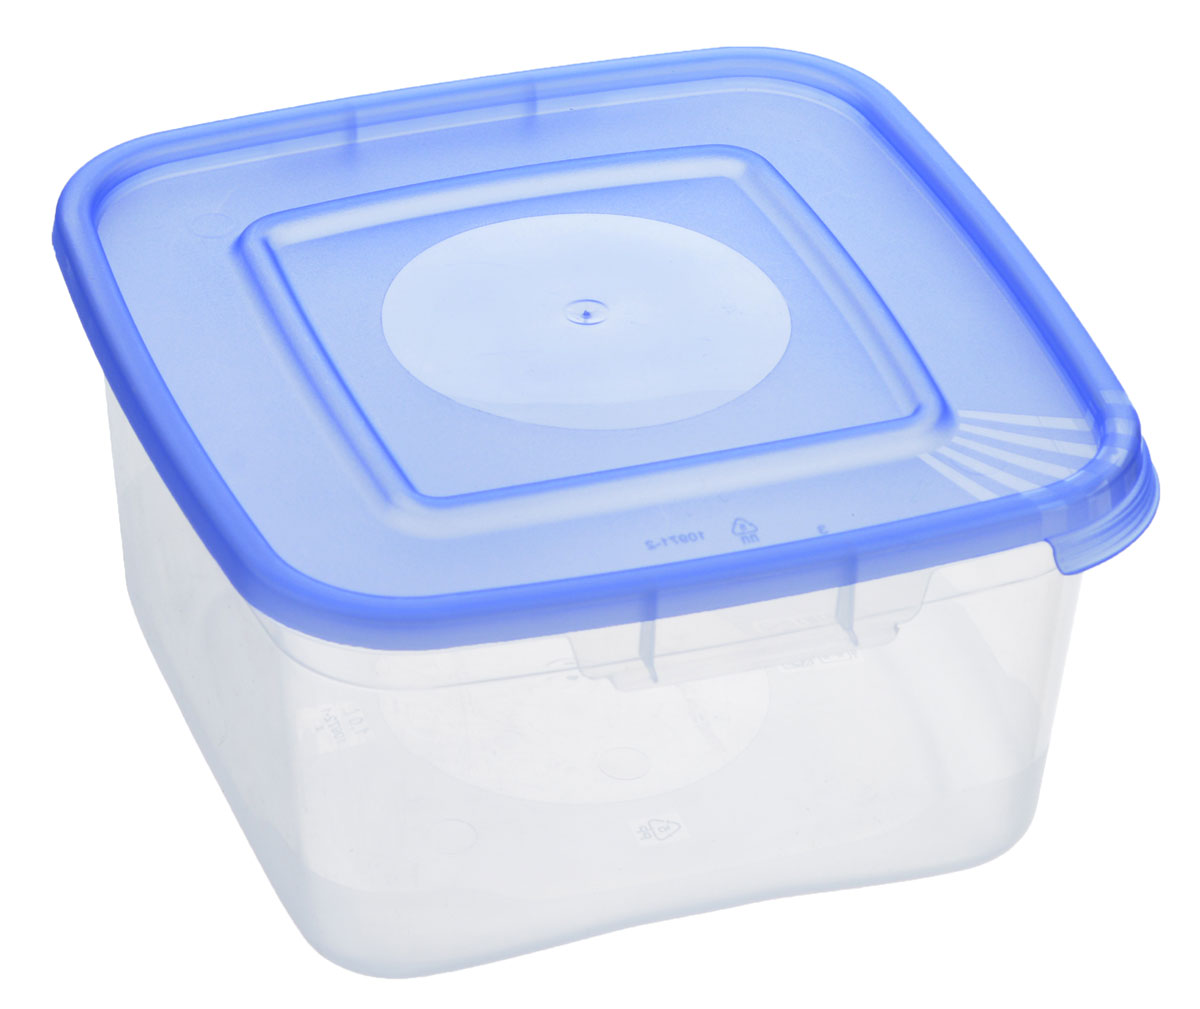 Контейнер Полимербыт Каскад, цвет: прозрачный, голубой, 1 лС670_голубойКонтейнер Полимербыт Каскад квадратной формы, изготовленный из прочного пластика, предназначен специально для хранения пищевых продуктов. Крышка легко открывается и плотно закрывается.Контейнер устойчив к воздействию масел и жиров, легко моется. Прозрачные стенки позволяют видеть содержимое. Контейнер имеет возможность хранения продуктов глубокой заморозки, обладает высокой прочностью. Можно мыть в посудомоечной машине. Подходит для использования в микроволновых печах.